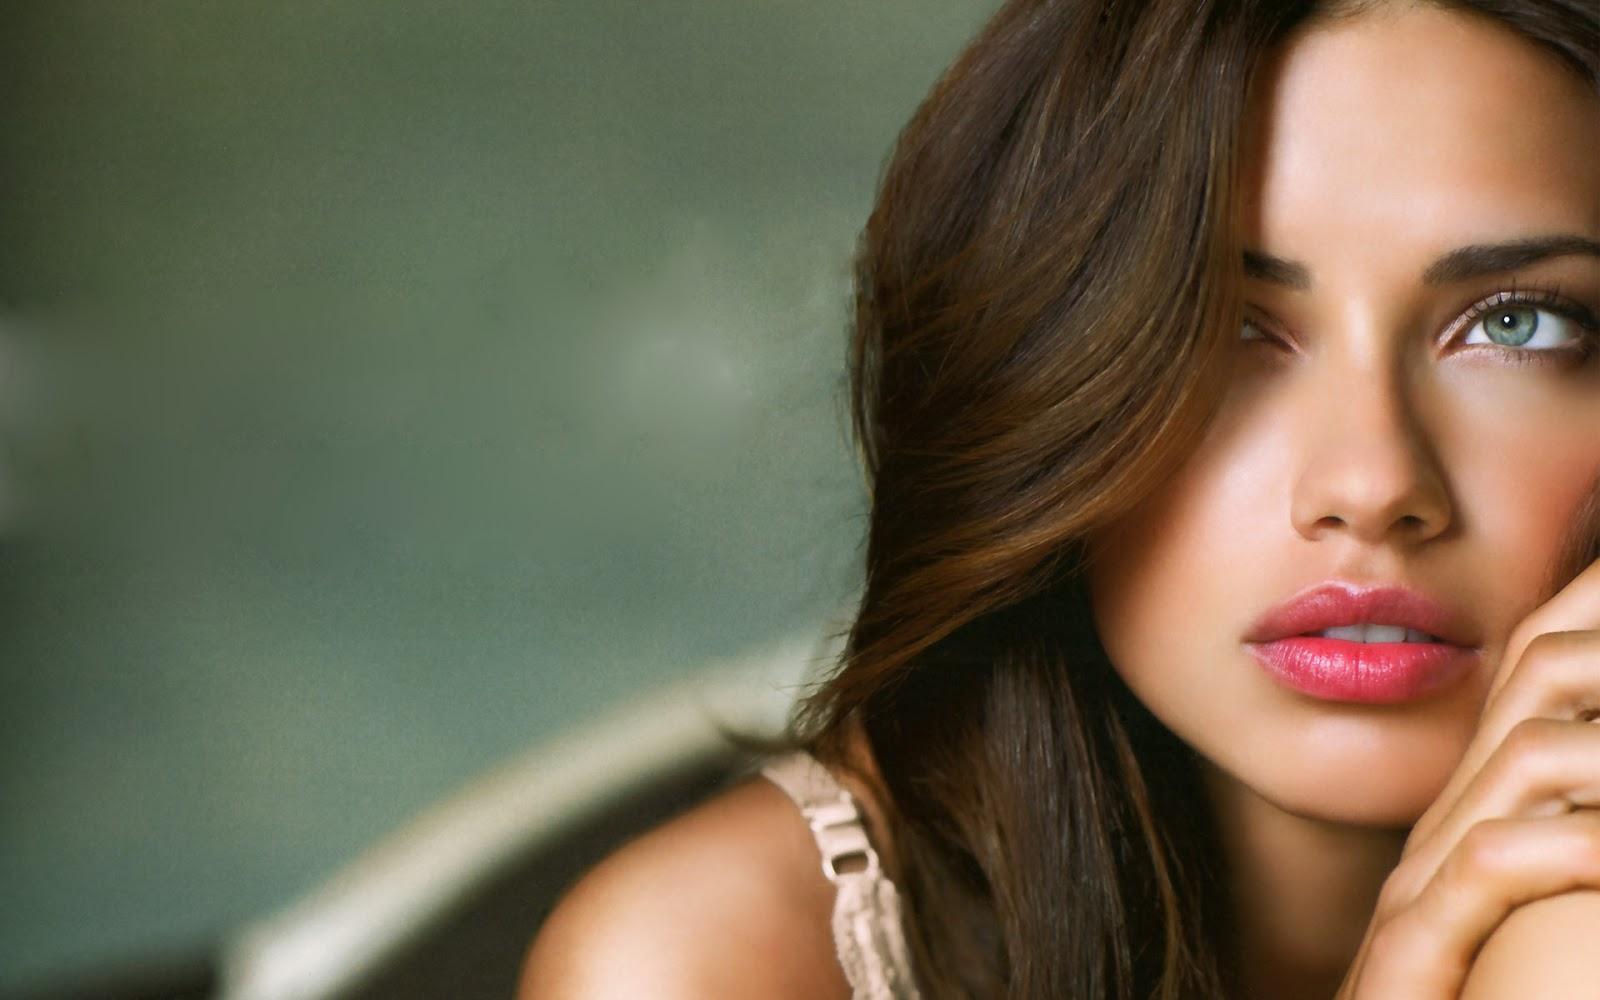 بالصور صور الممثلات الاجانب والهنديه , اتعرفوه علي ممثلات الهند والاجانب 4152 5